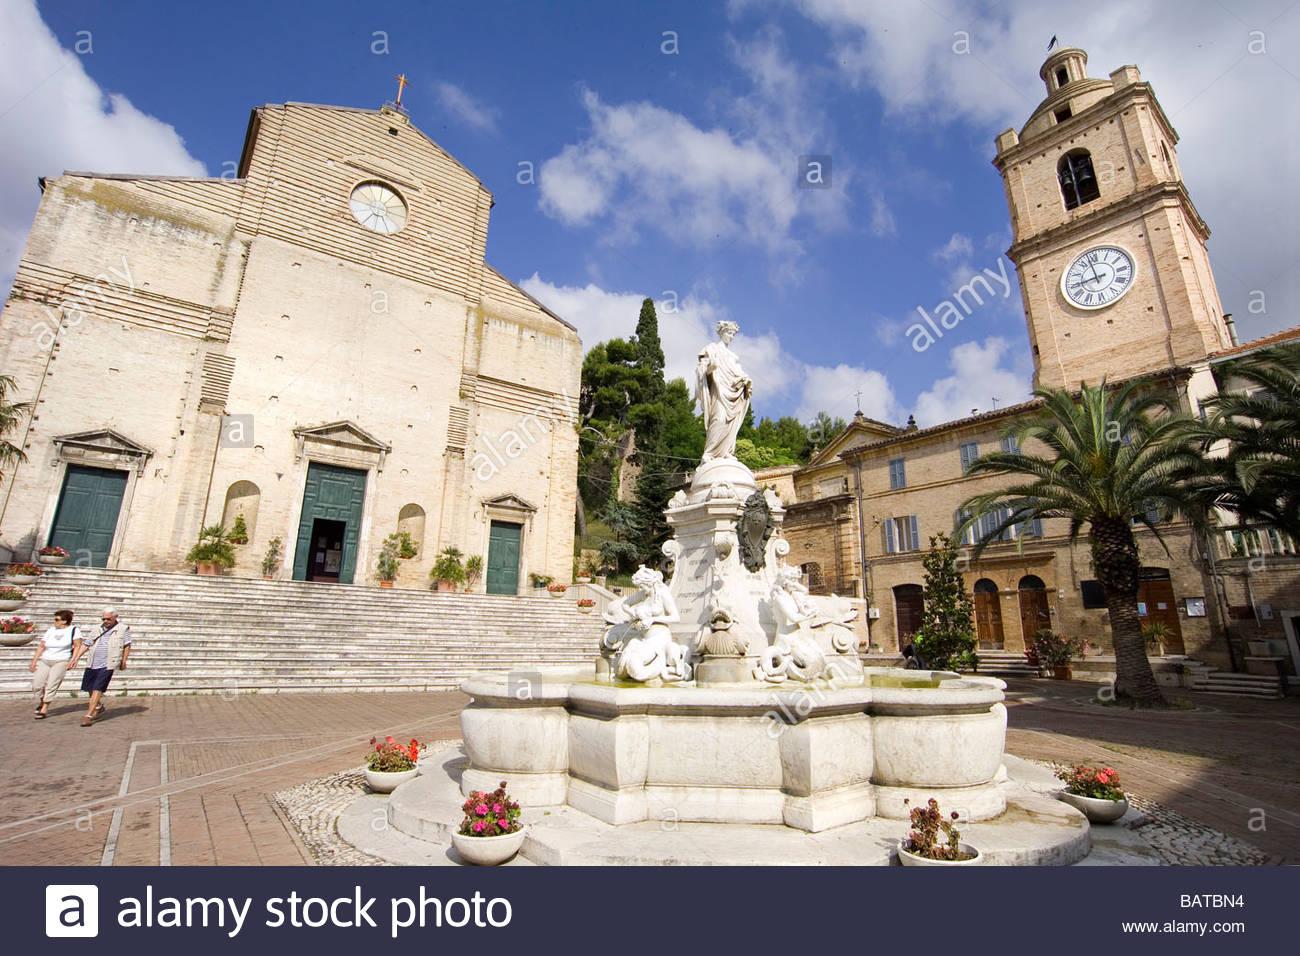 Porto san giorgio piazza san giorgio chiesa di san giorgio marche stock photo royalty free - Aran cucine porto san giorgio ...